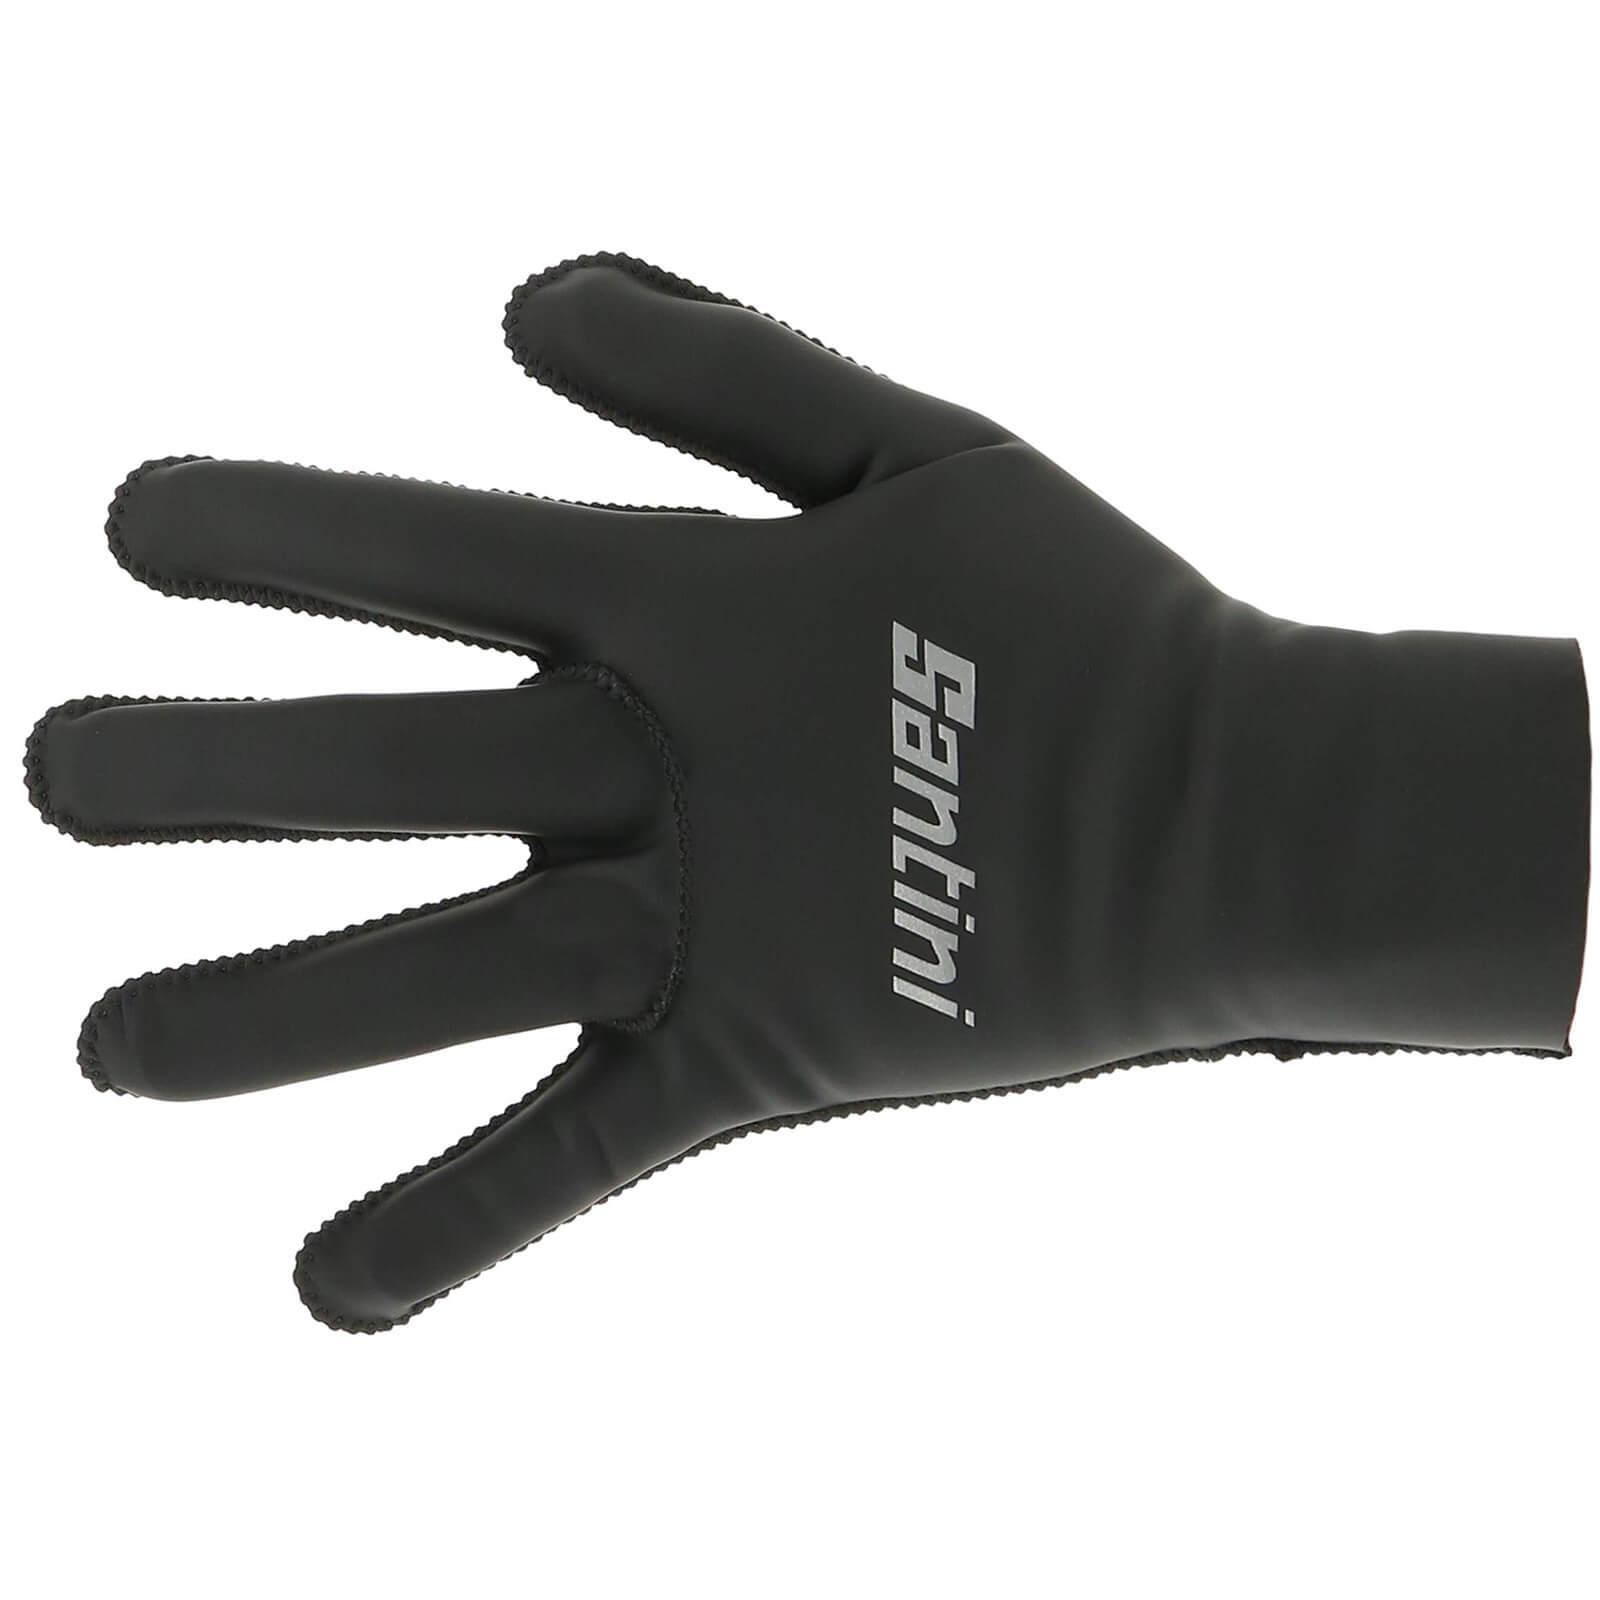 Santini Vega Gloves - Black - XL